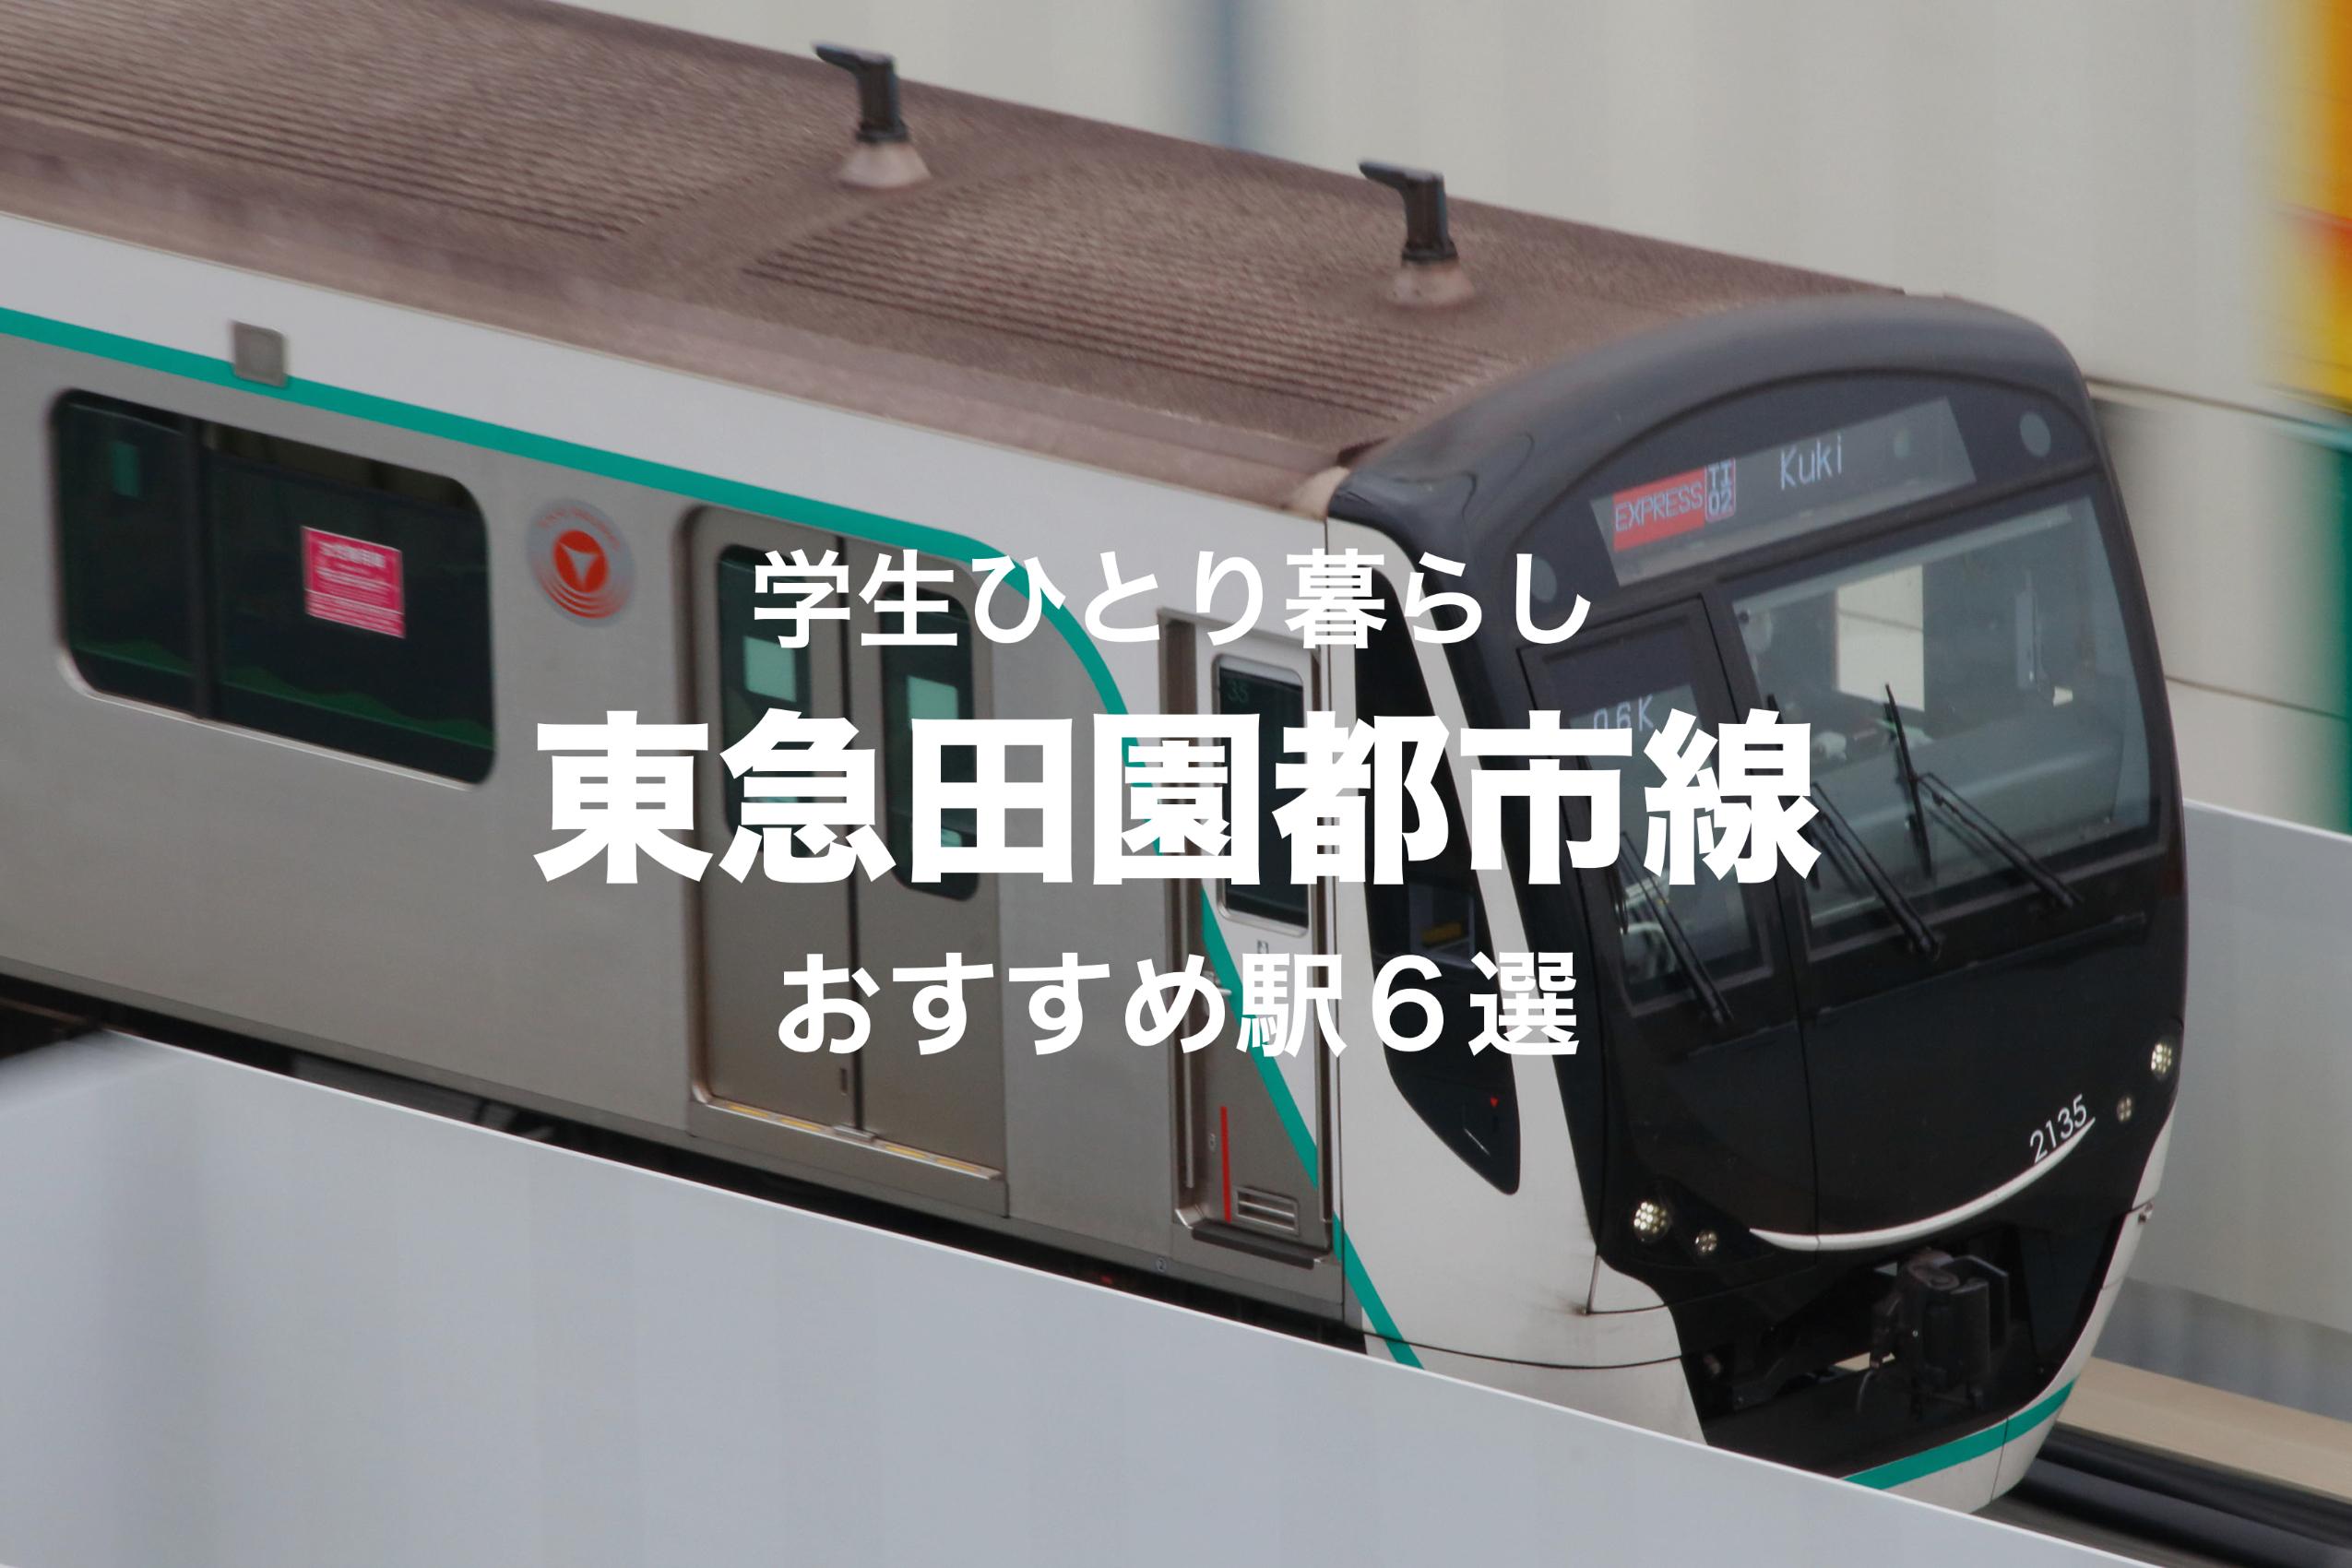 【東急田園都市線】学生ひとり暮らしにおすすめ駅6選。動画あり。